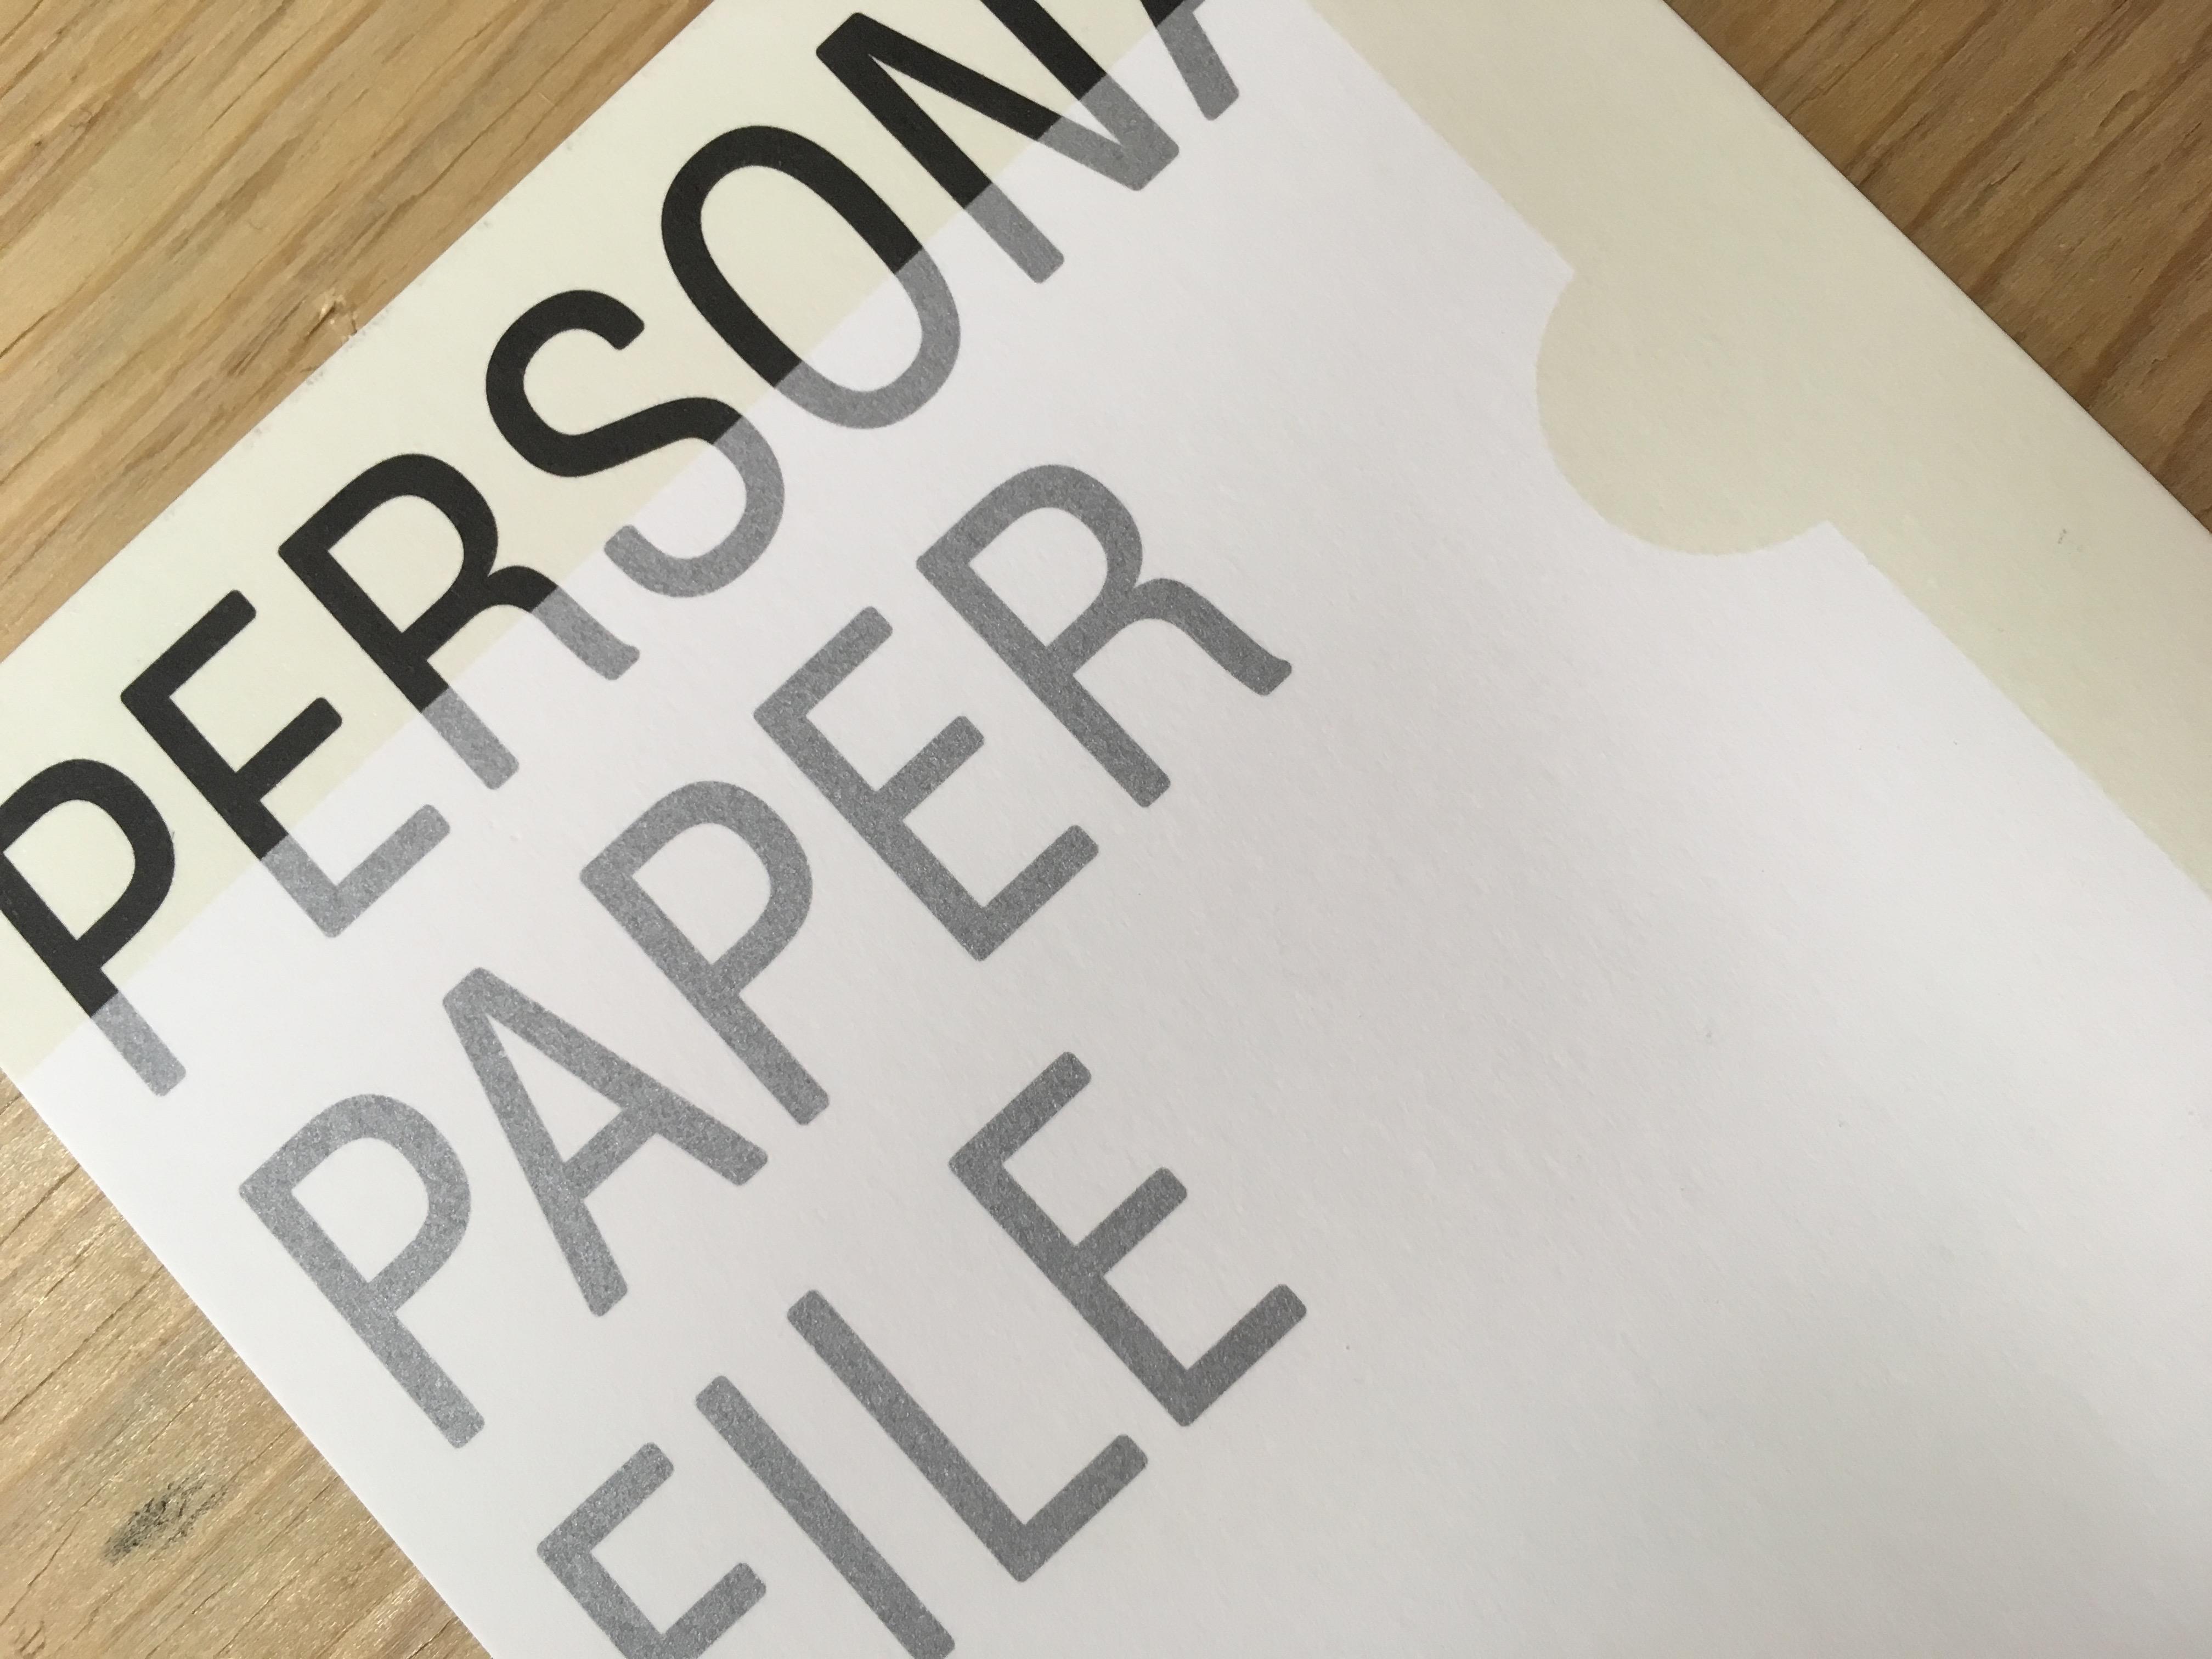 「PERSONAL PAPER FILE」開催中